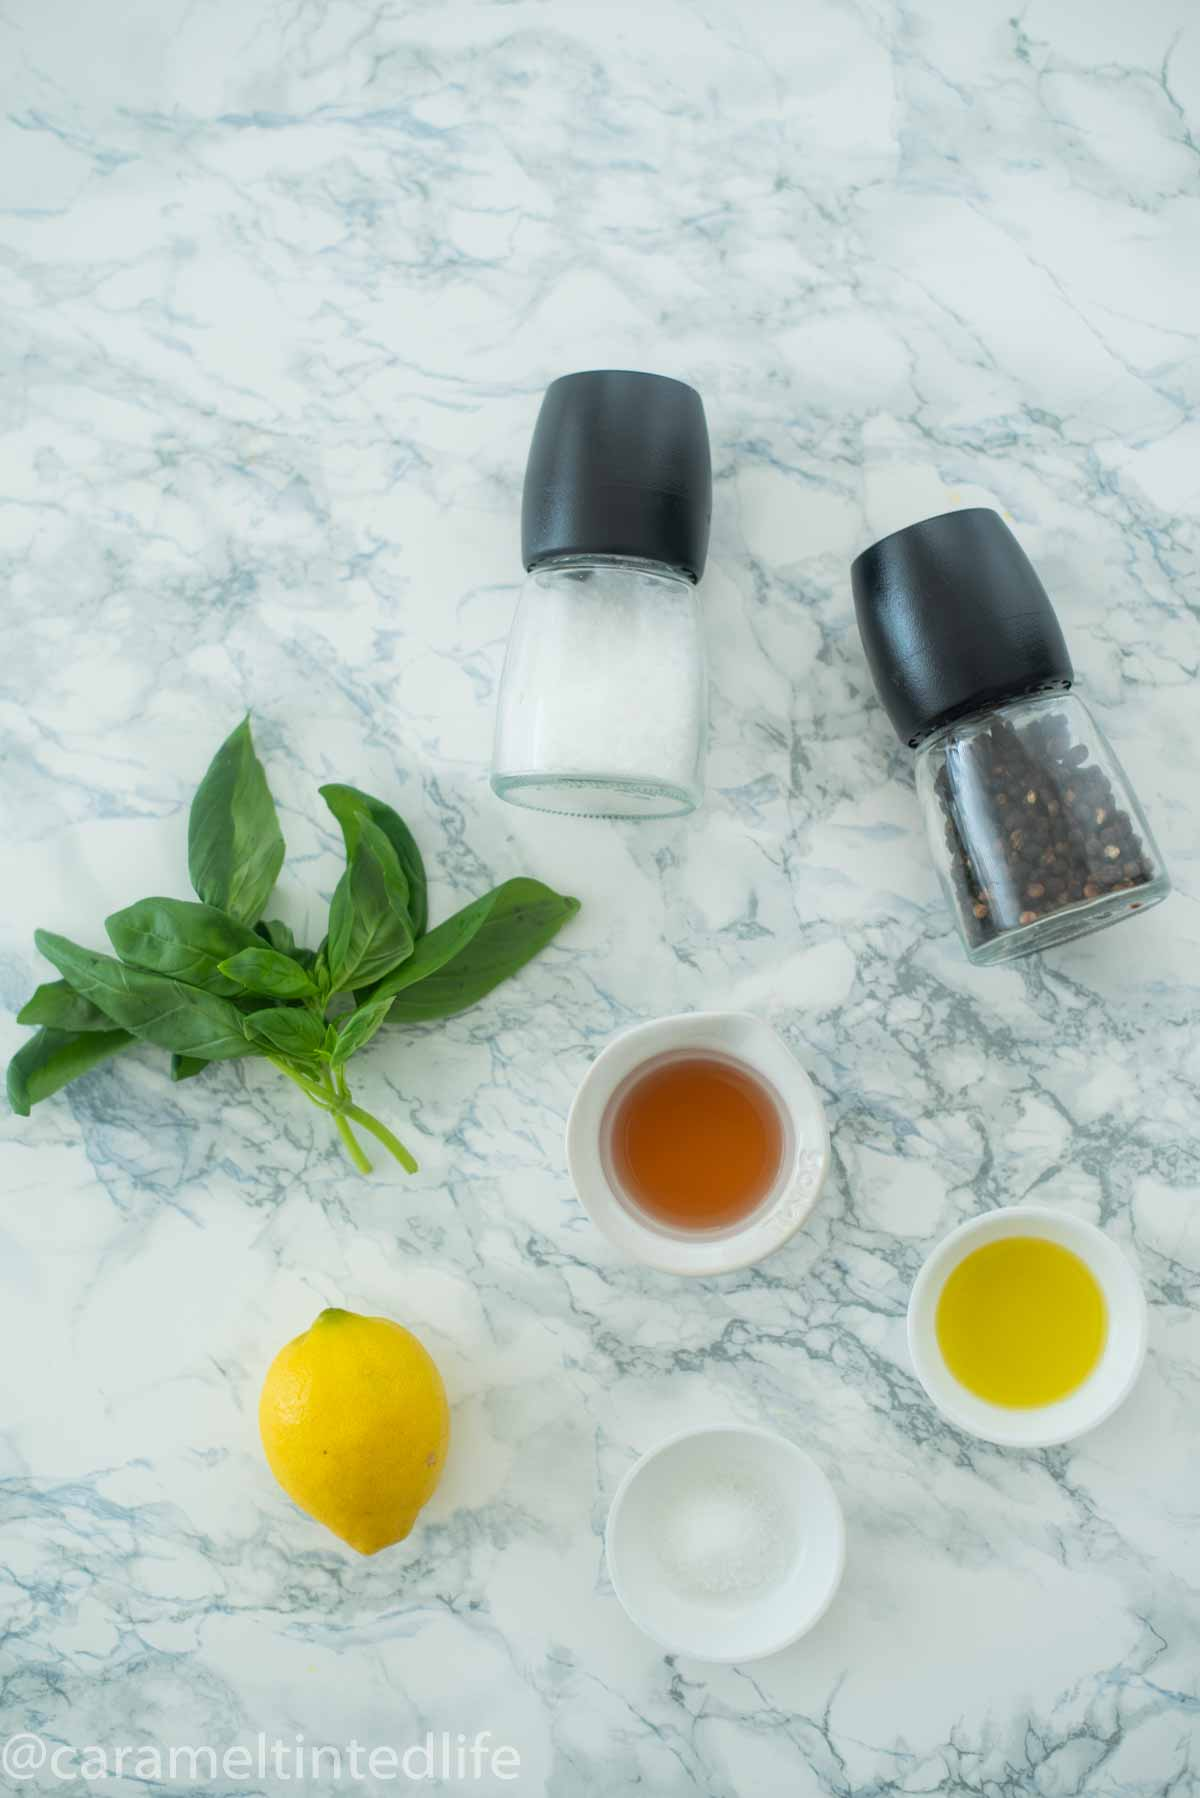 Ingredients used to make basil vinaigrette